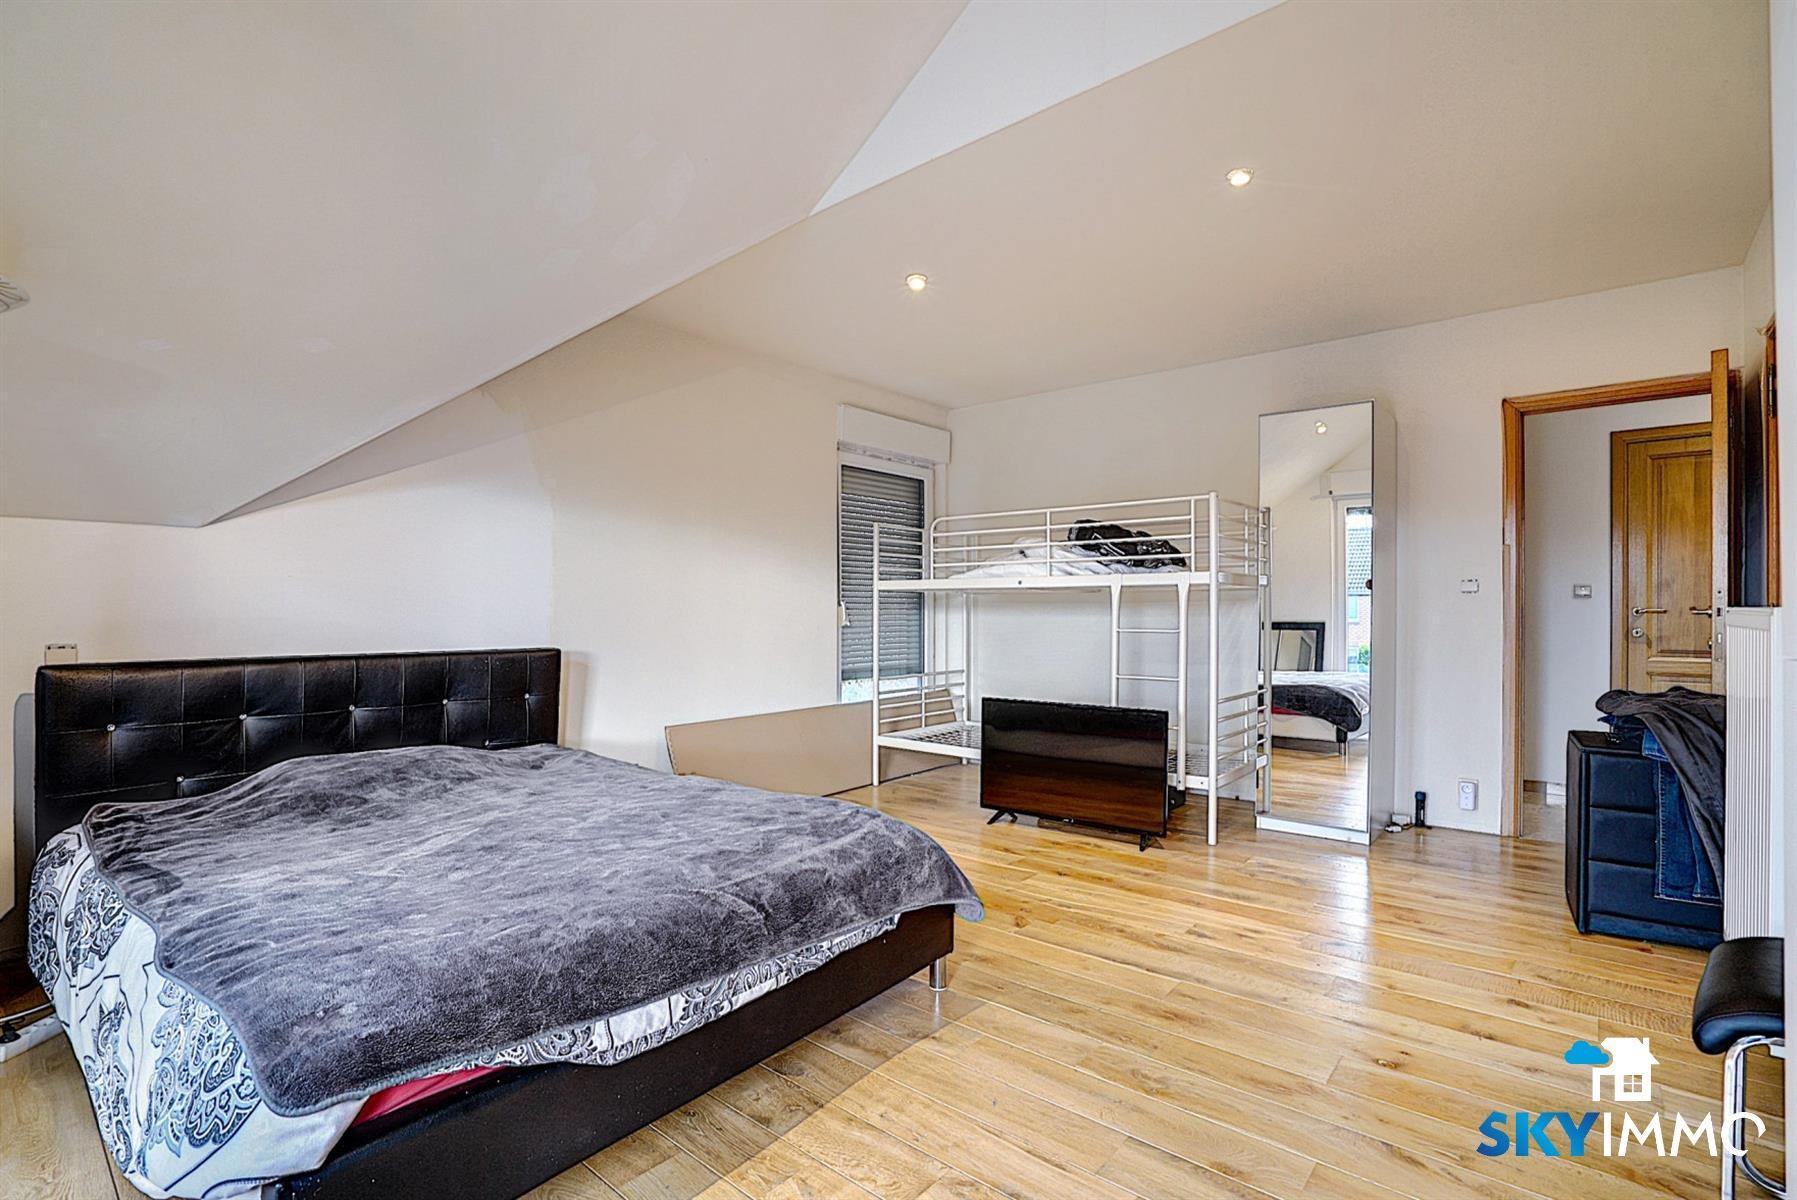 Huis - Boncelles - #4252860-18